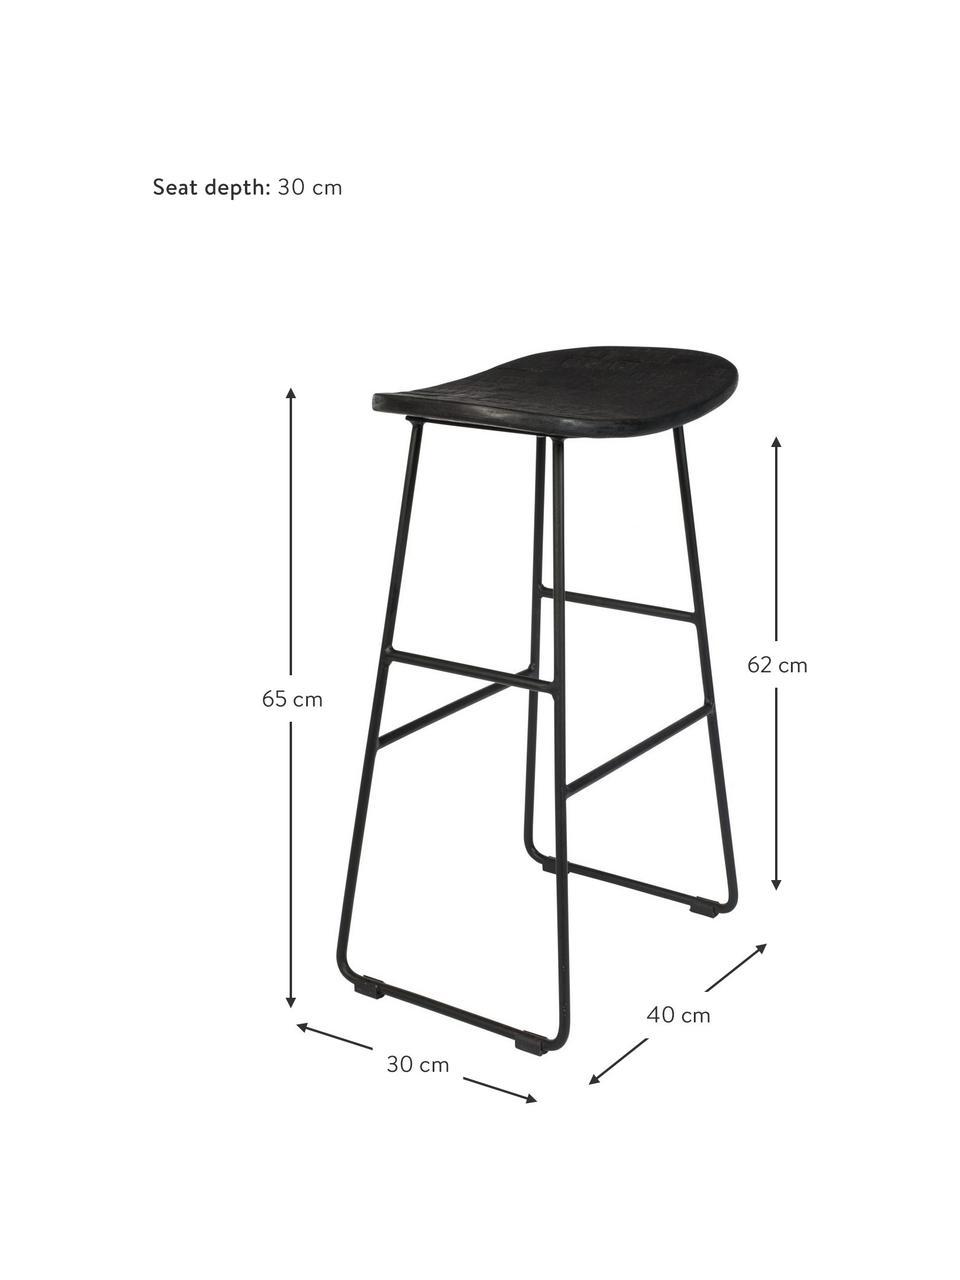 Sgabello alto nero Tangle, Seduta: legno di teak riciclato e, Gambe: metallo verniciato a polv, Nero, Larg. 40 x Alt. 65 cm